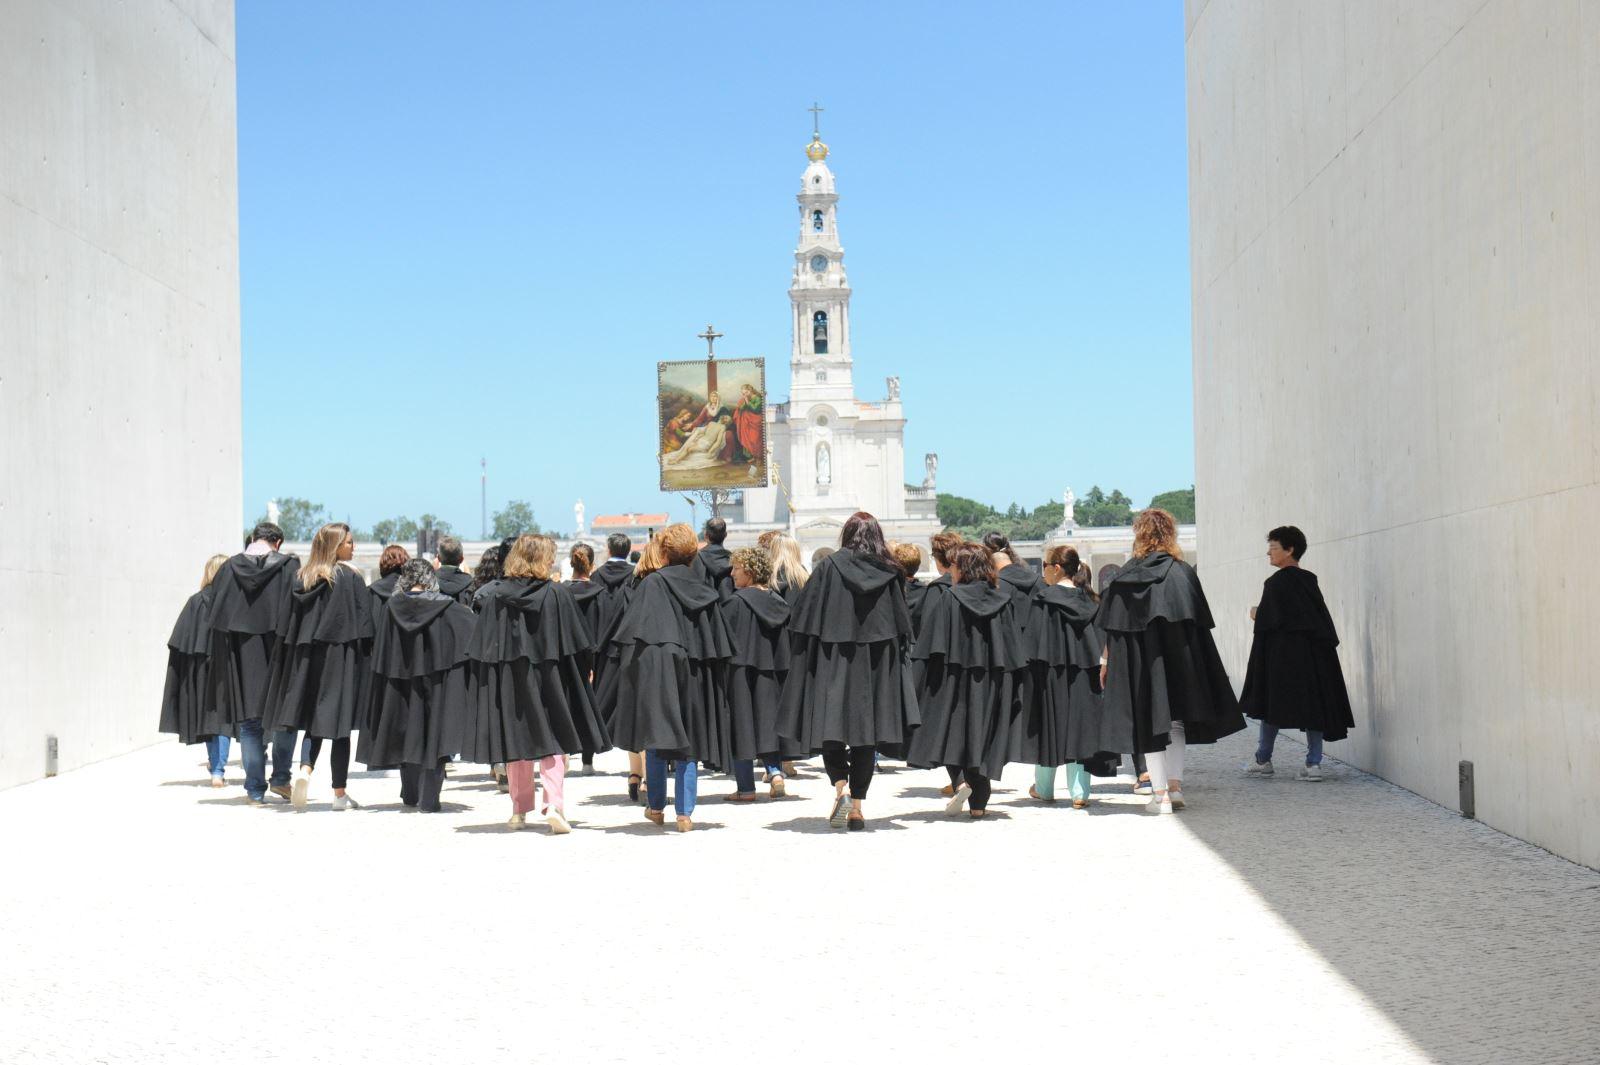 União | Programa da II Peregrinação Nacional a Fátima